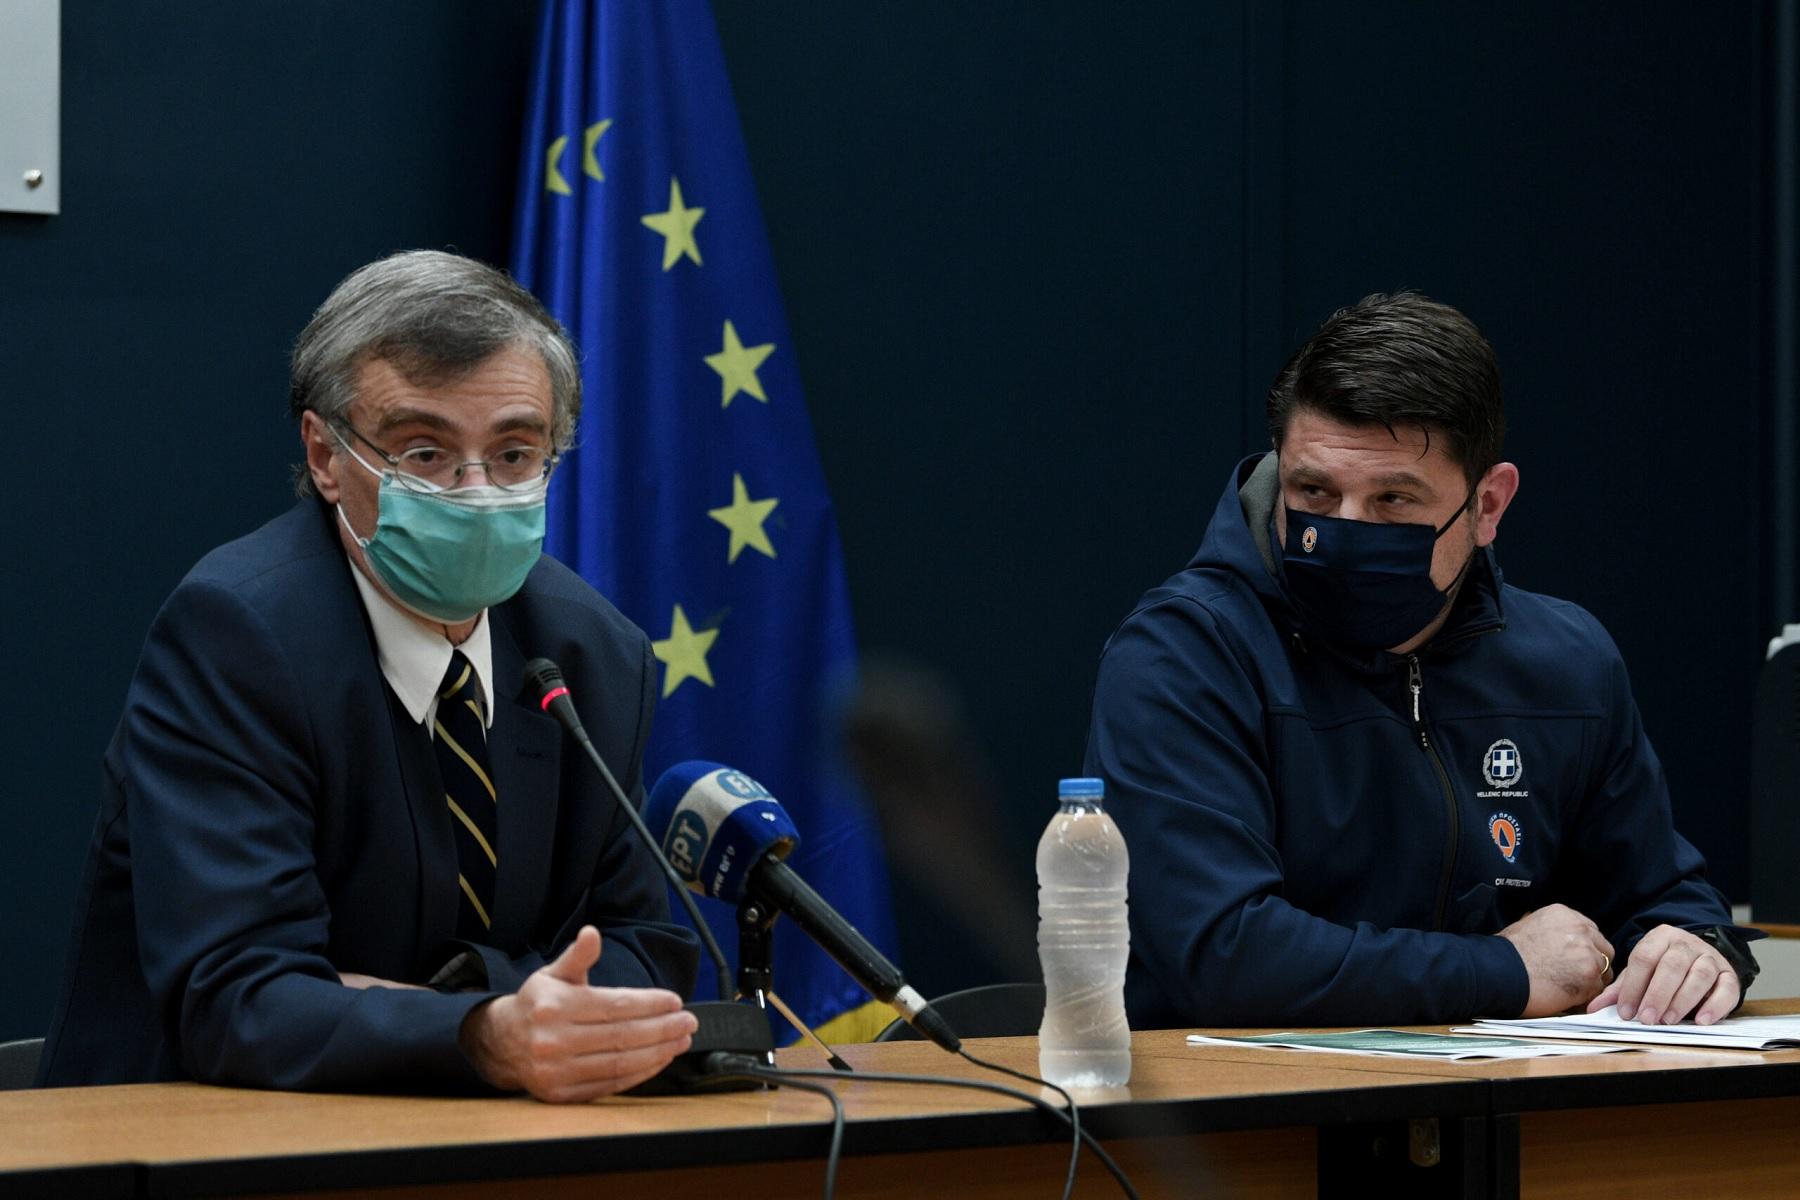 Τσιόδρας Κορωνοϊός: Ανησυχητική η επανεμφάνιση του καθηγητή